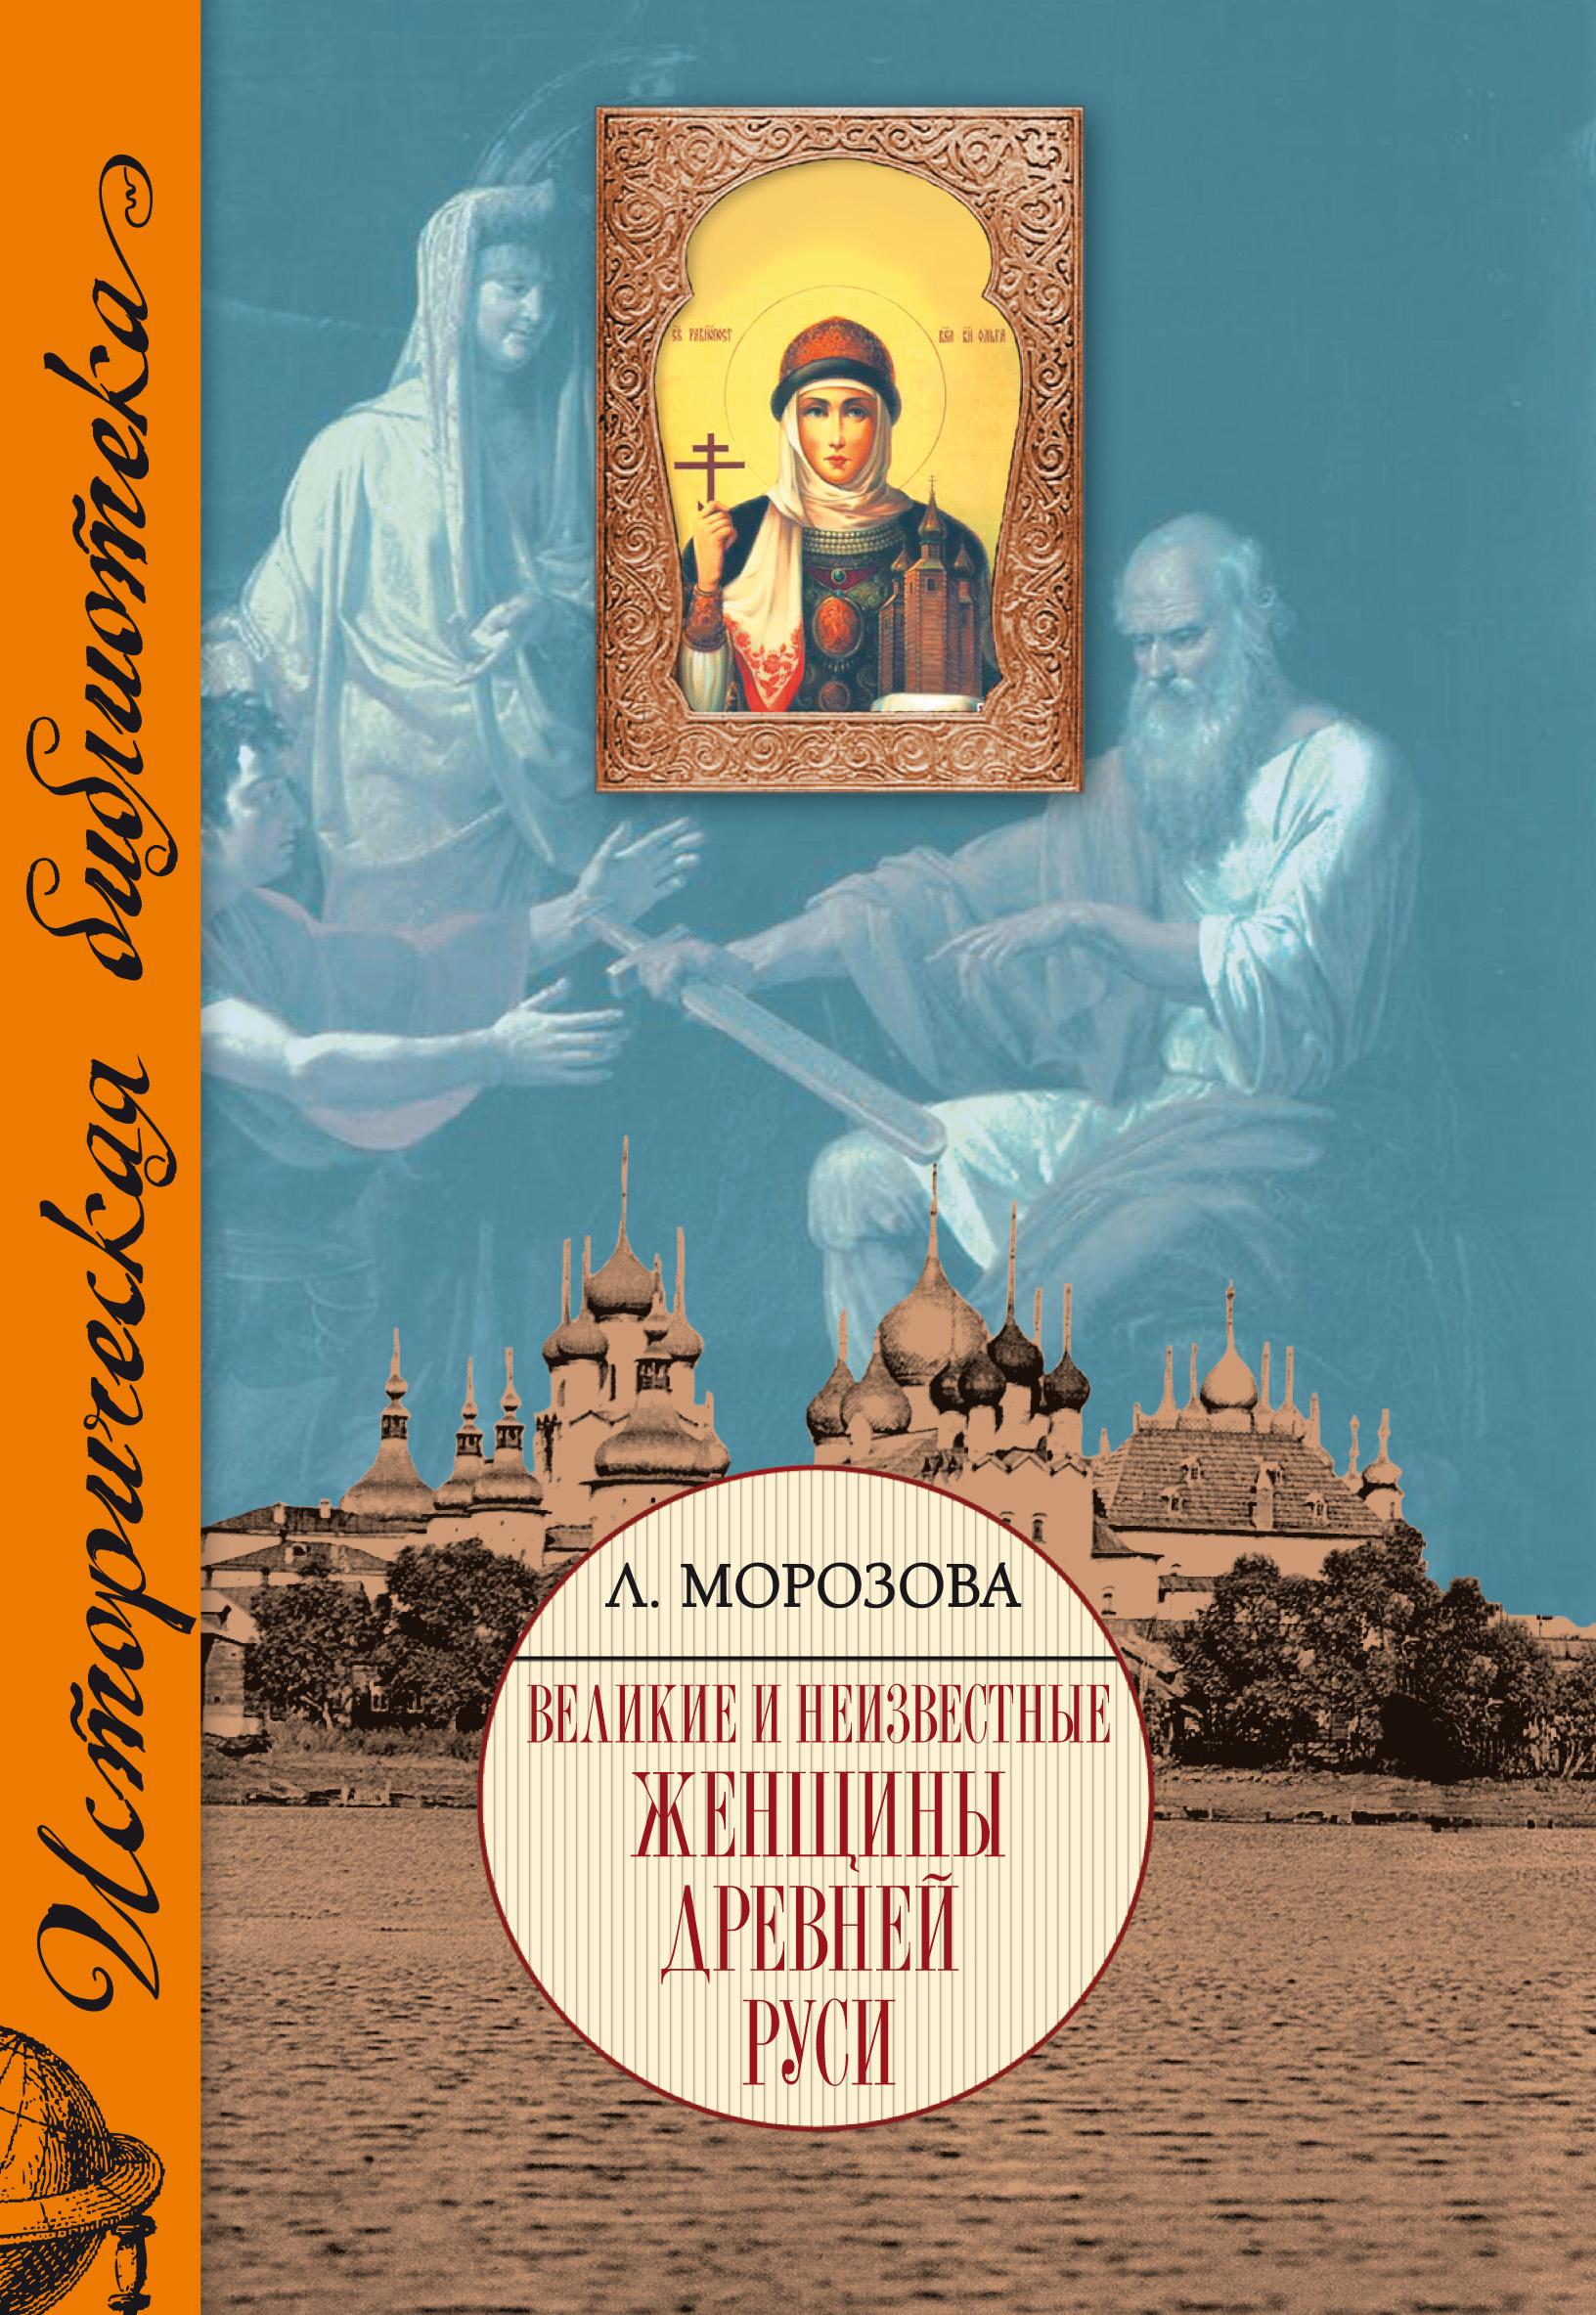 Людмила Морозова Великие и неизвестные женщины Древней Руси людмила морозова великие и неизвестные женщины древней руси